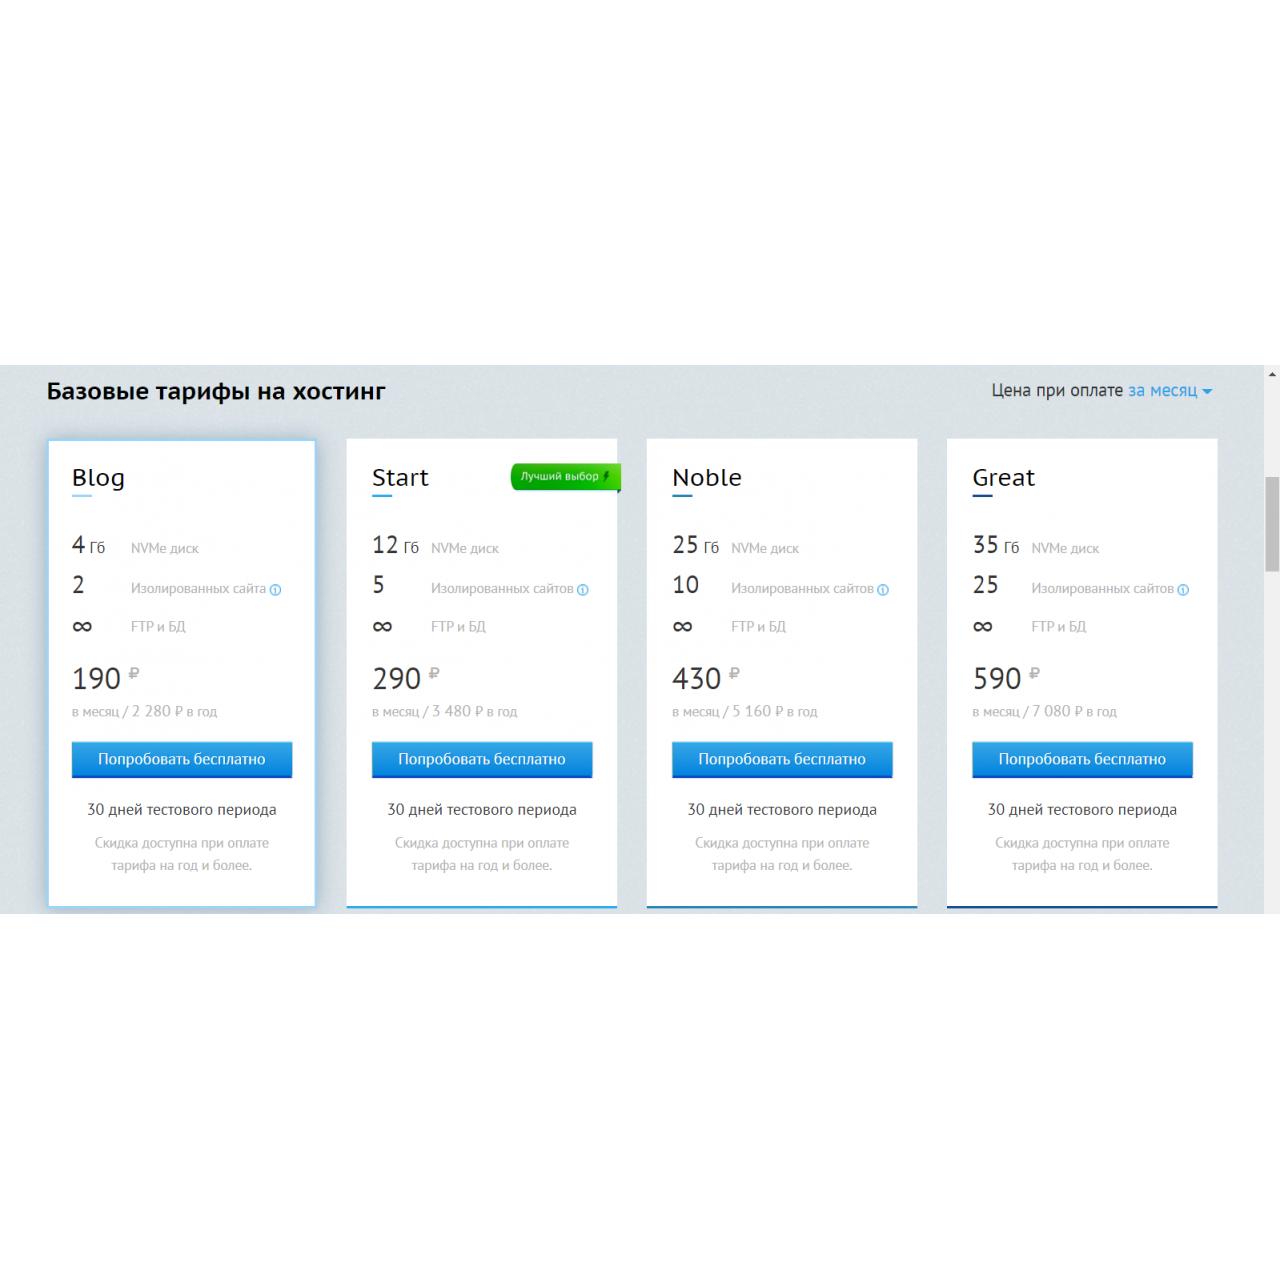 Пополнение баланса на Beget, со скидкой 20%! из категории Хостинг-провайдеры для CMS OpenCart (ОпенКарт)